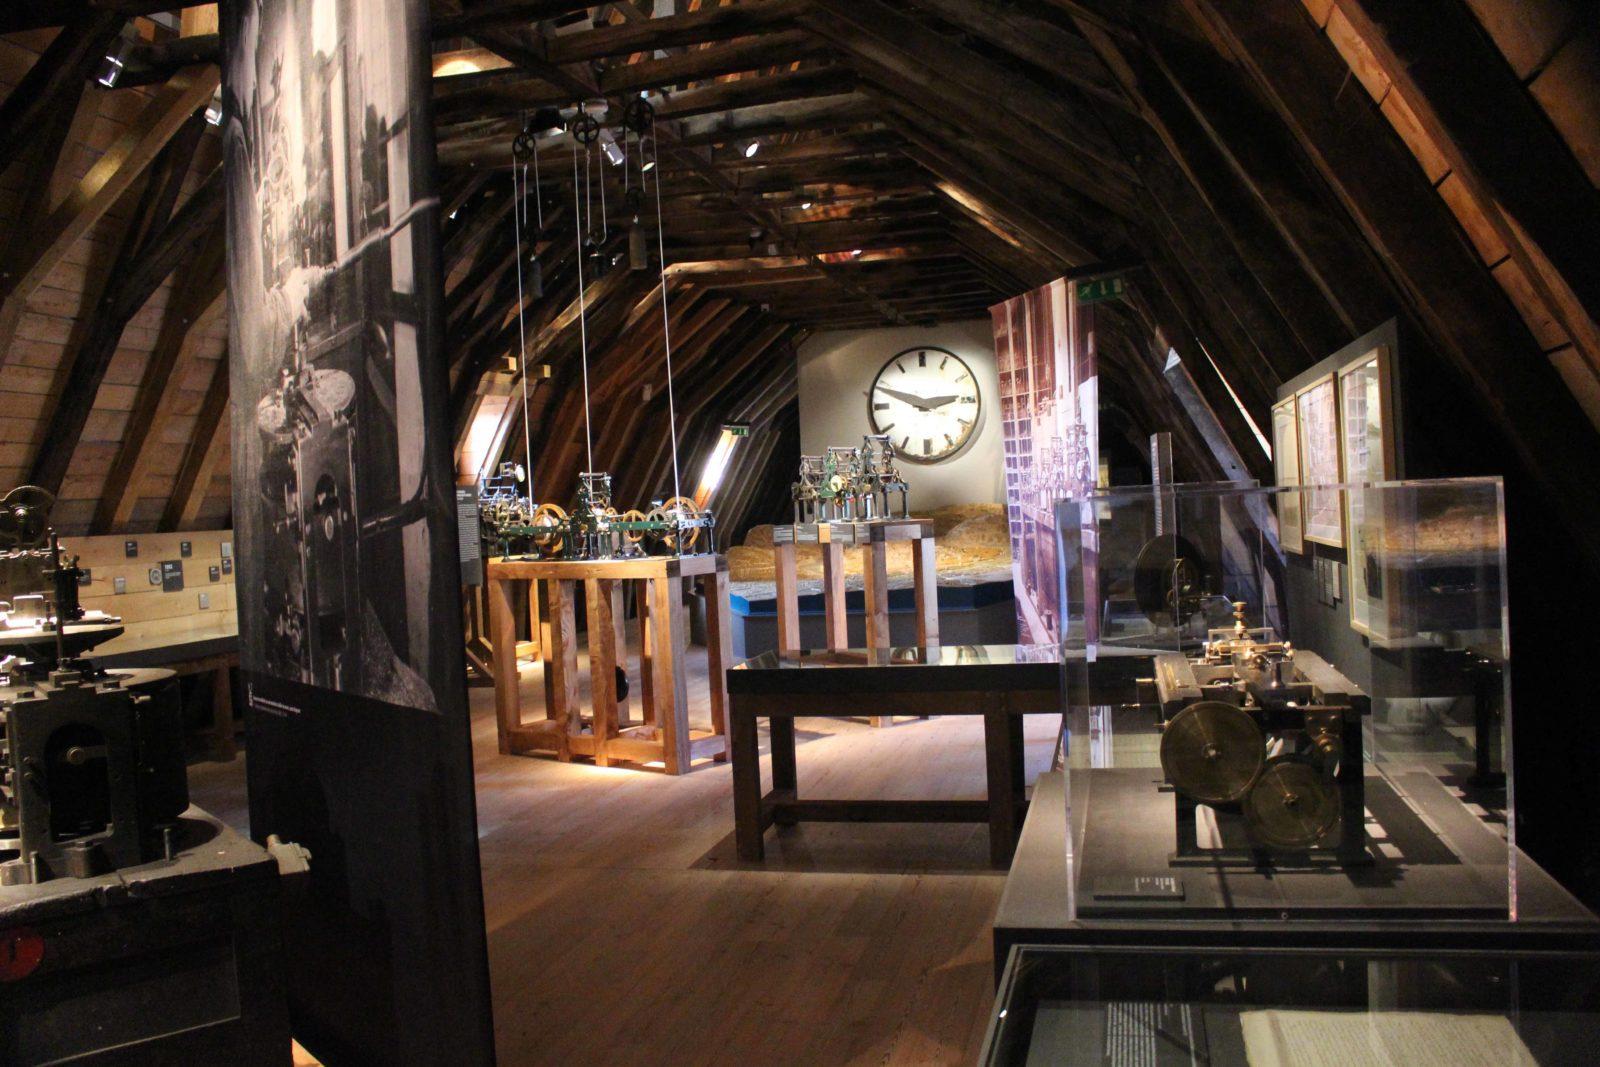 Musée du Temps Besançon exposition horloges Ungerer Schwilgué